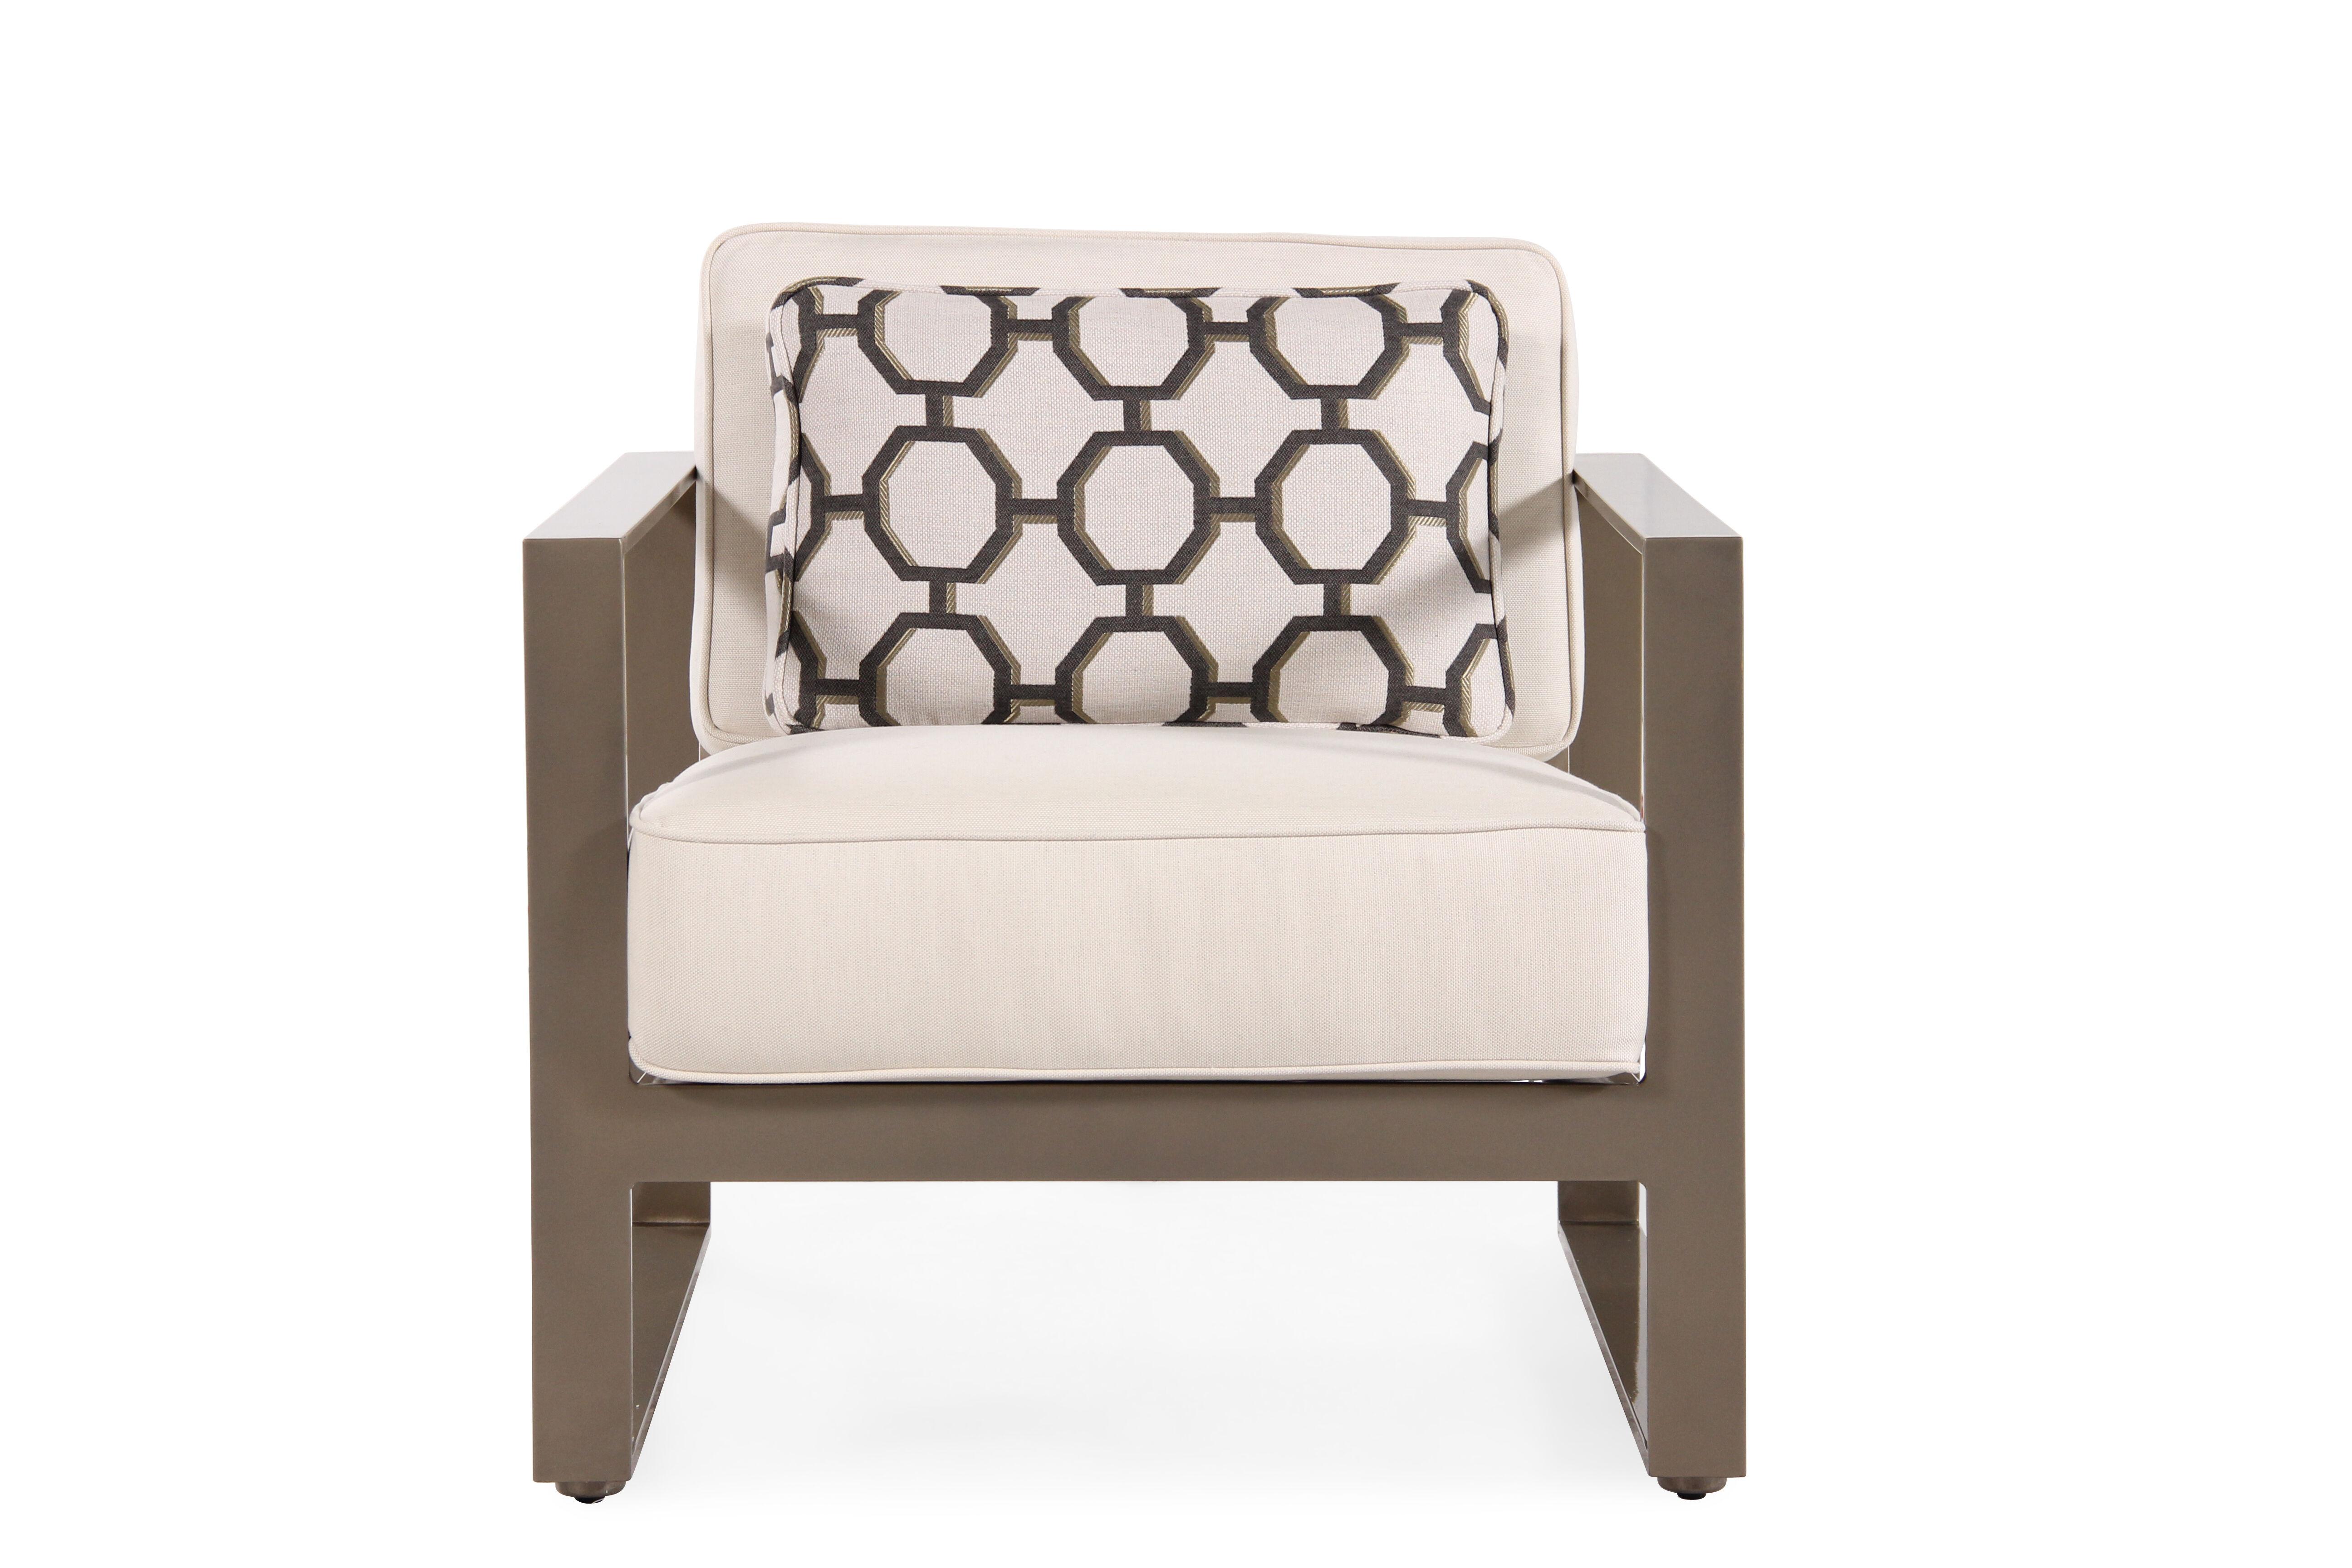 Castelle Park Place Lounge Chair